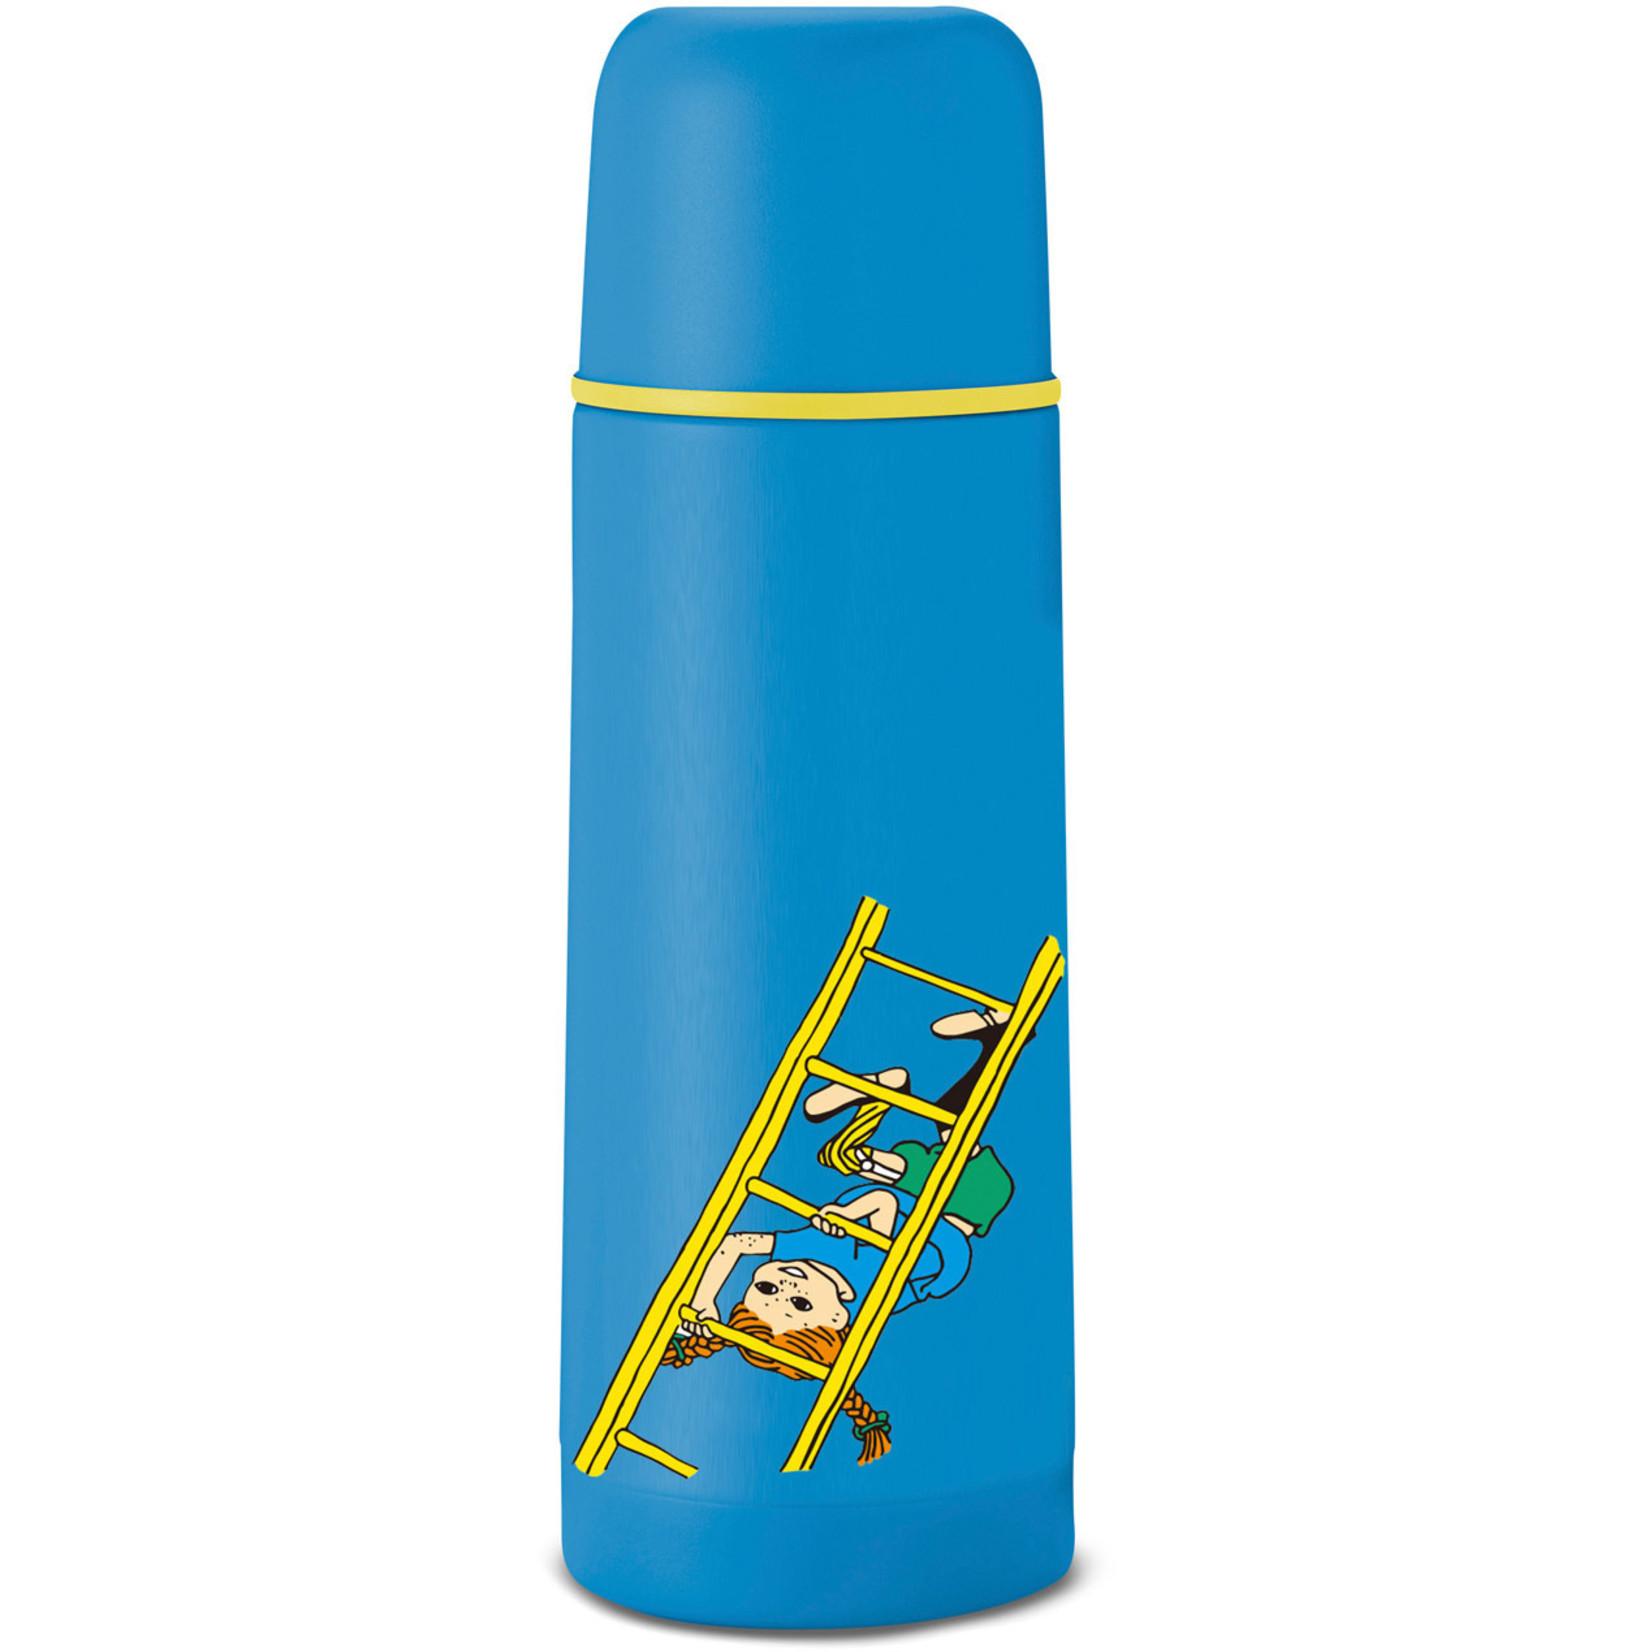 Primus Primus thermosfles Pippi Langkous 0,35 liter, rvs blauw